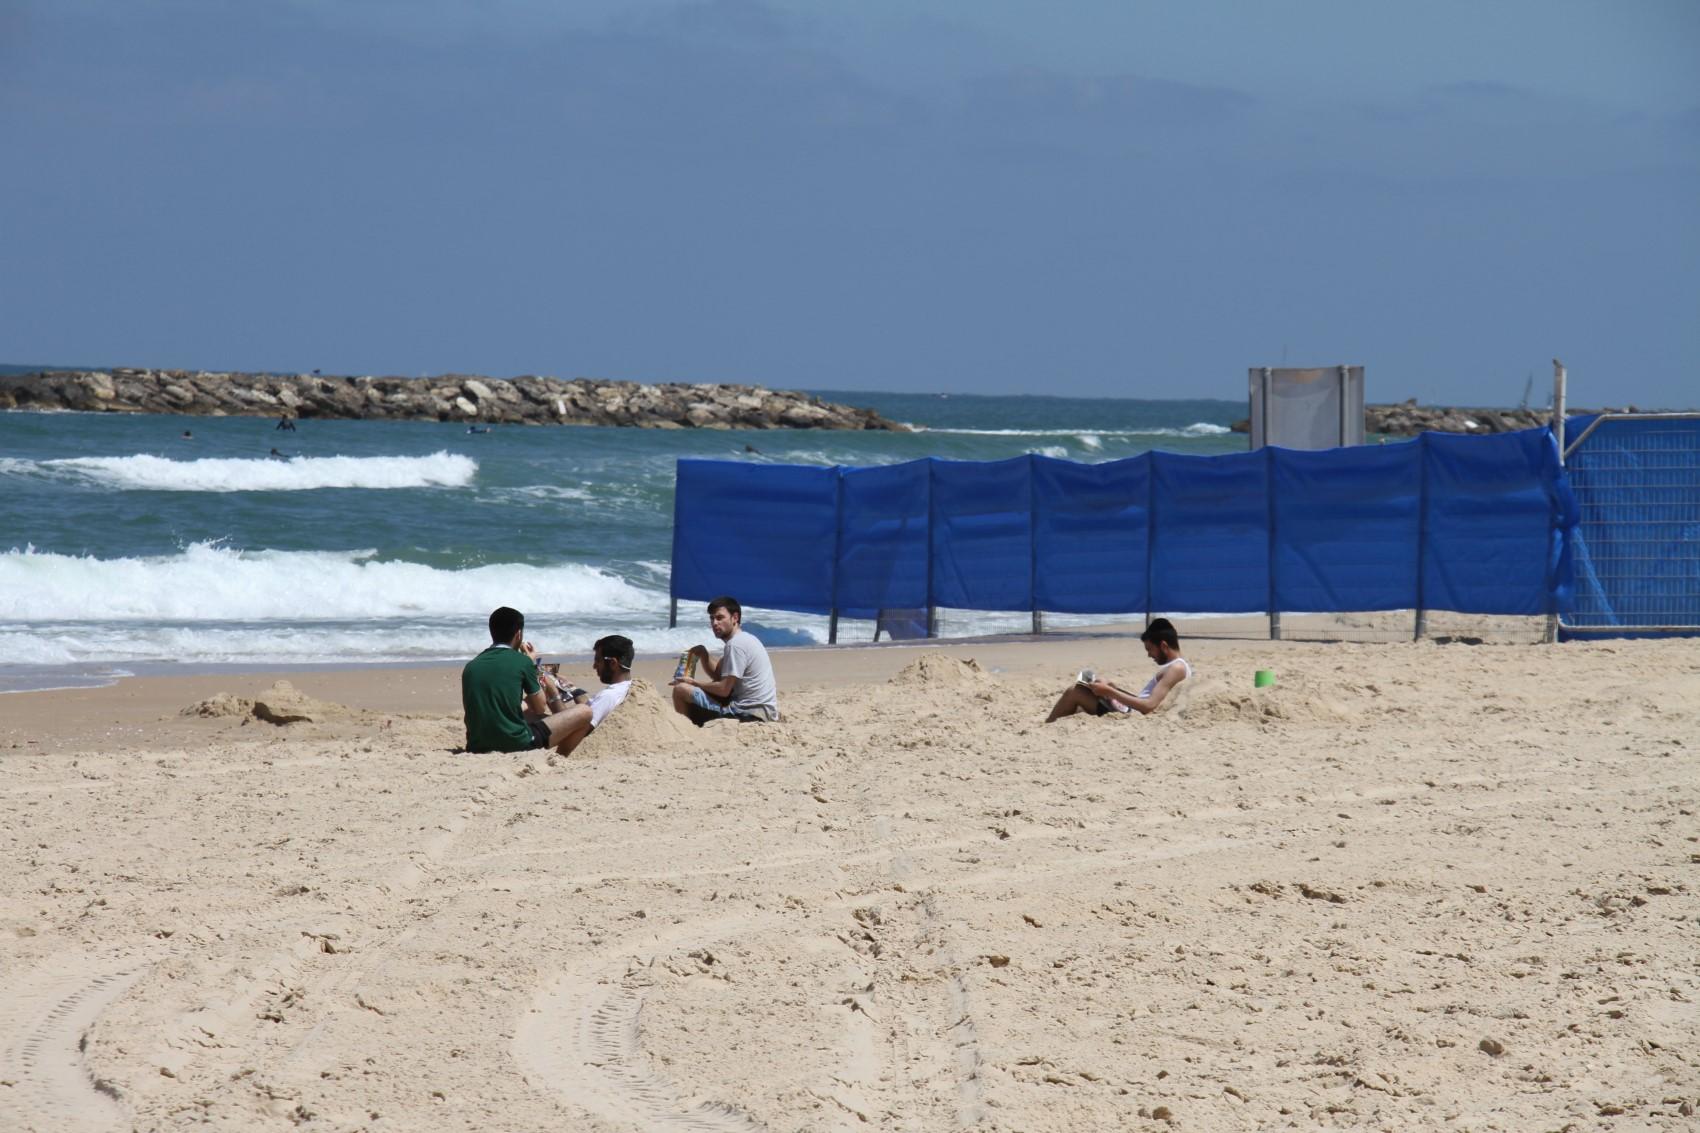 אסון בחוף הנפרד: המציל נהרג במהלך תרגיל